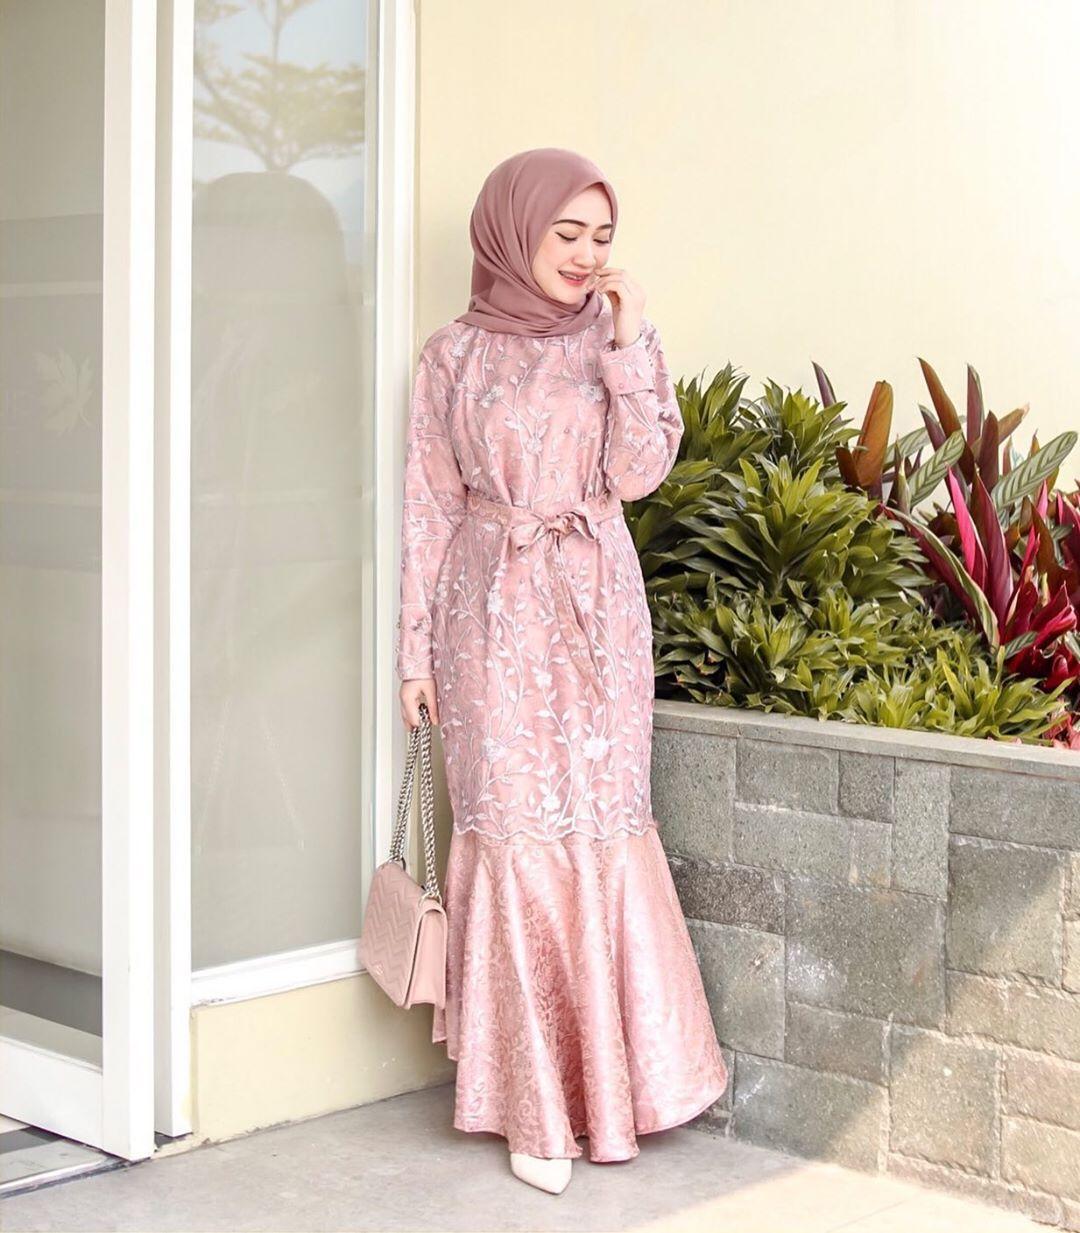 10 Model Dress Duyung Anggun Untuk Hijabers Pengin Tampil Elegan